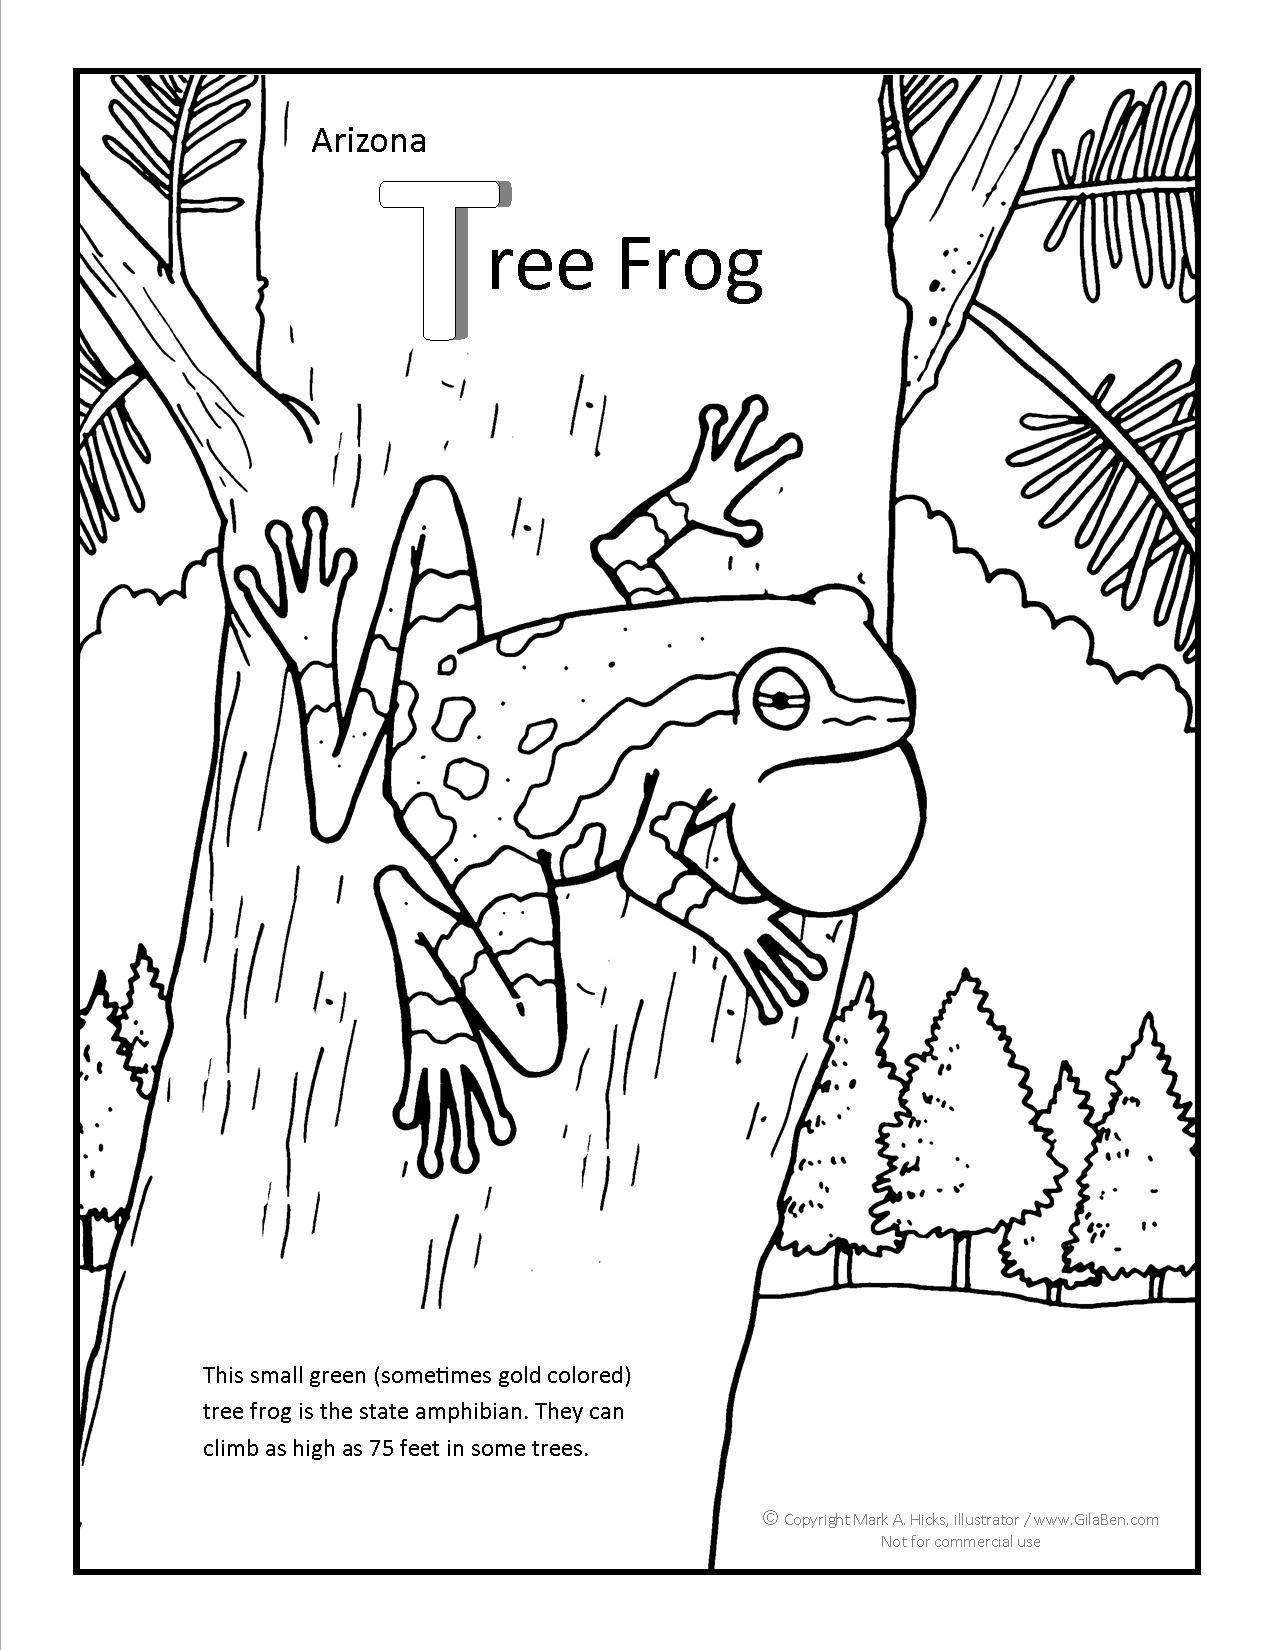 Arizona Tree Frog Coloring Page At Gilaben